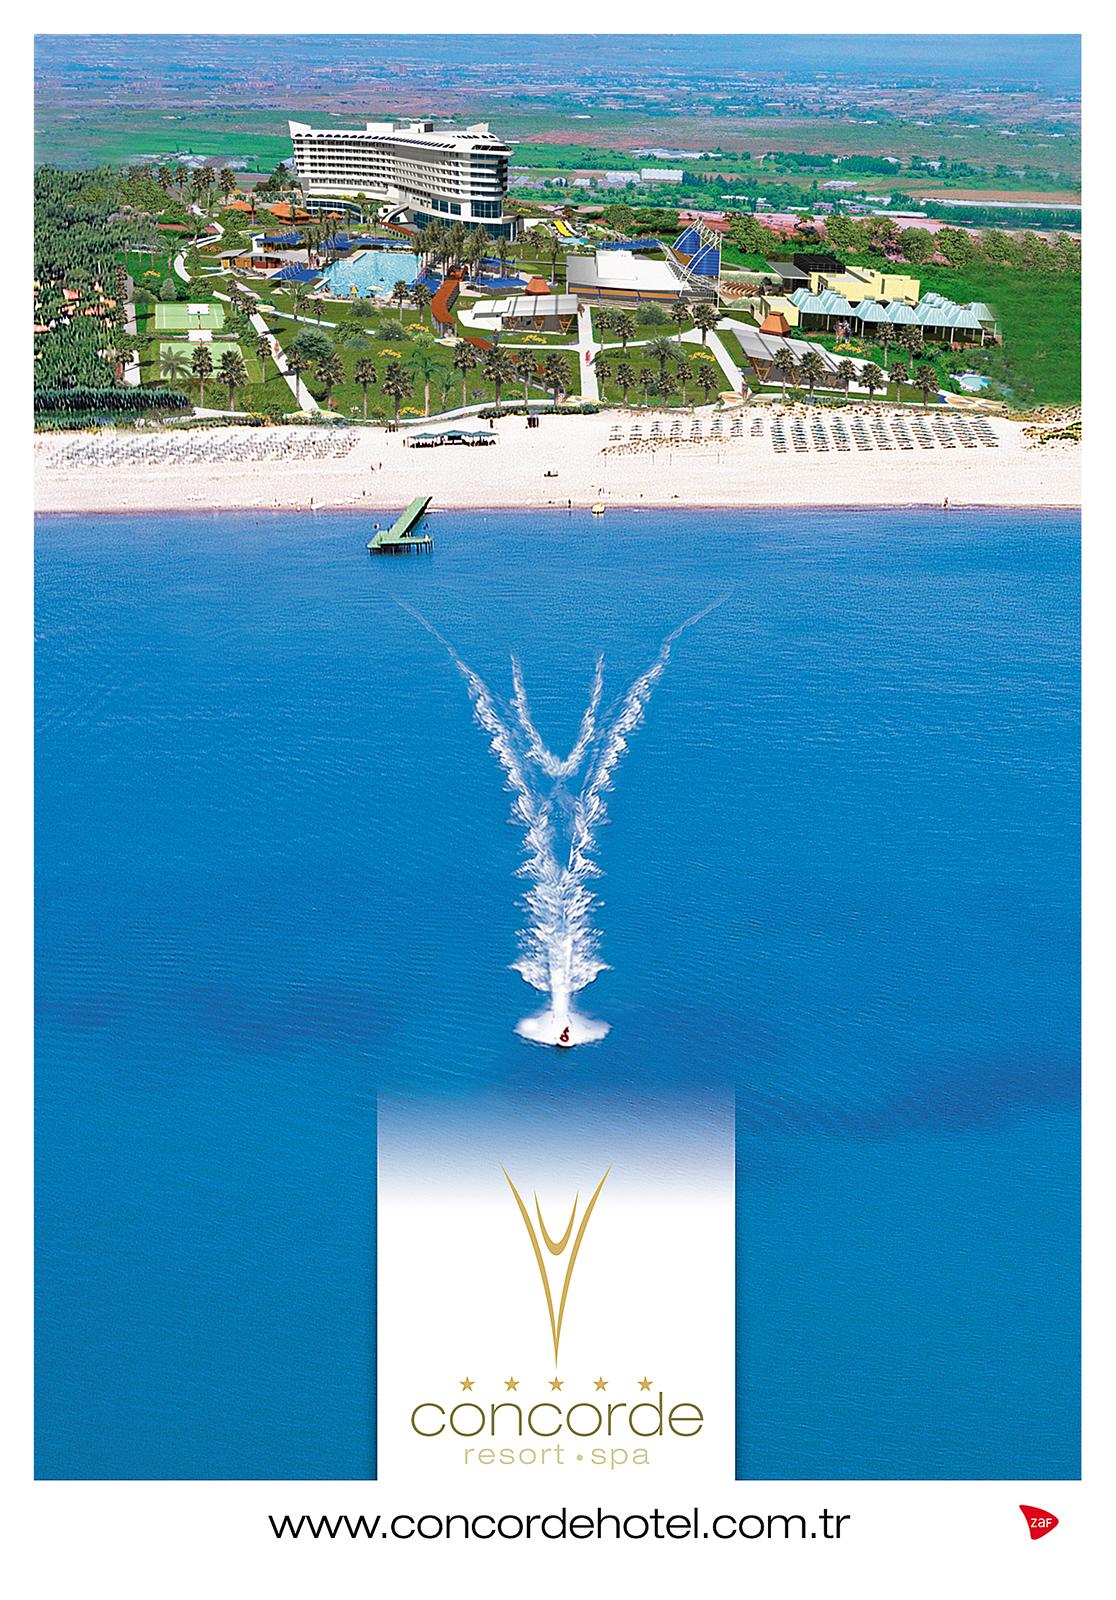 Concorde Hotels Exhibition Visual